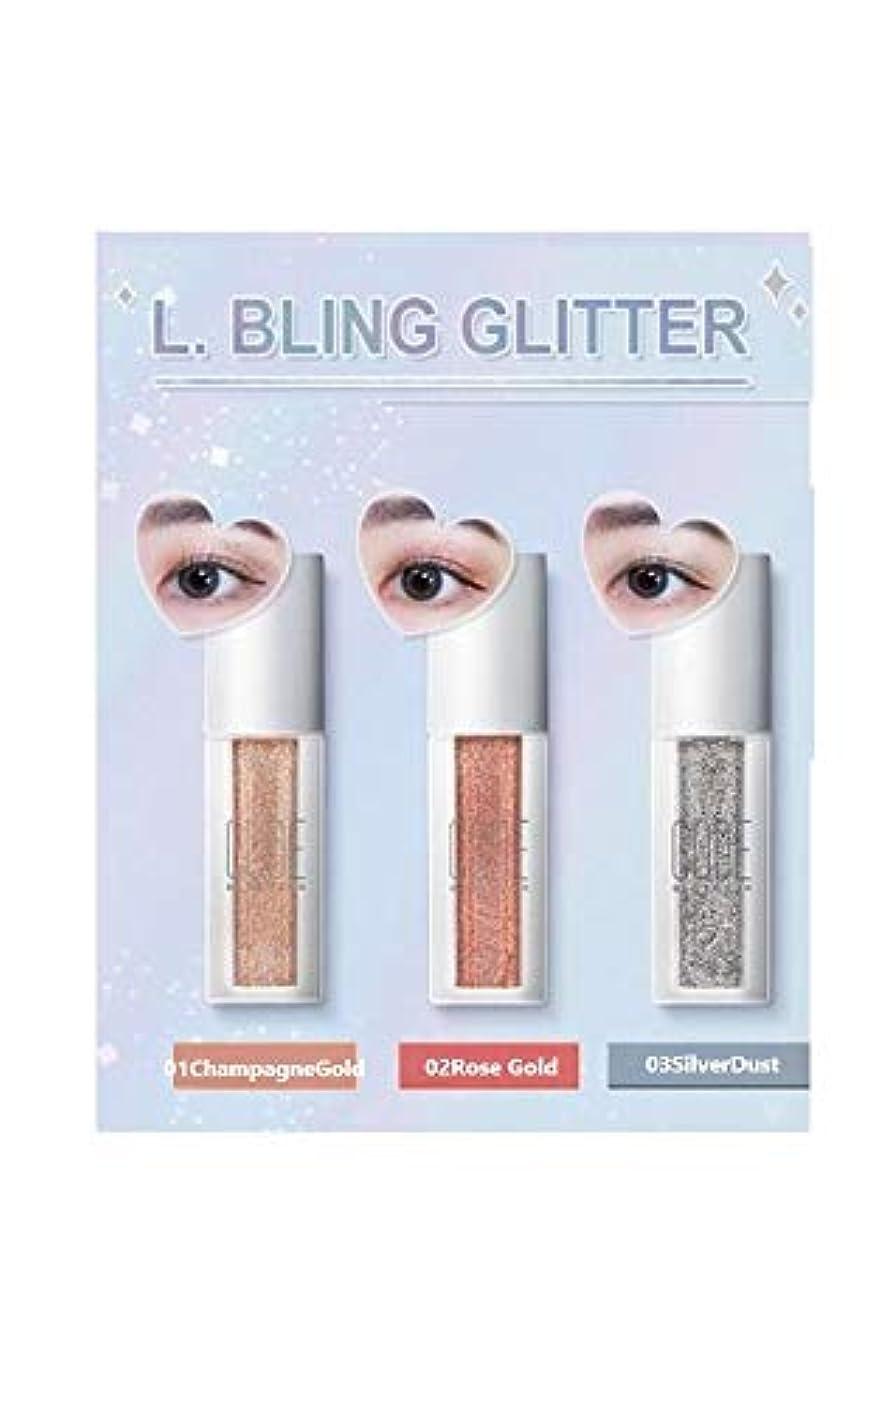 ヒステリック資料ブランデーCOOD☆ブリング グリッター アイシャドウ 4.5g/全3色 Bling Glitter 3colors[並行輸入品] (01ChampagneGold)